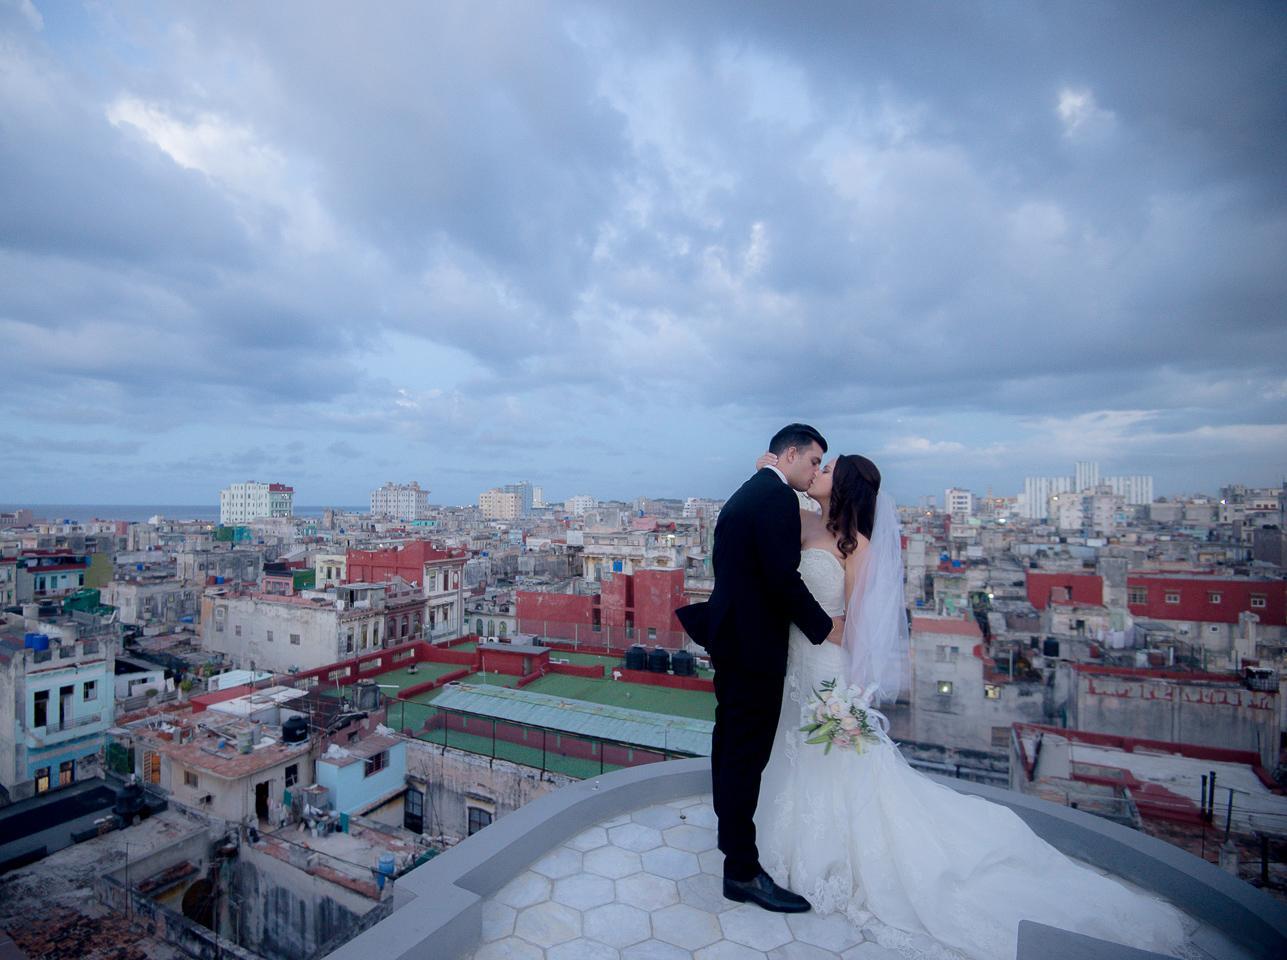 bodas-estilo-libre-sin-tema-cuba-11722.jpg